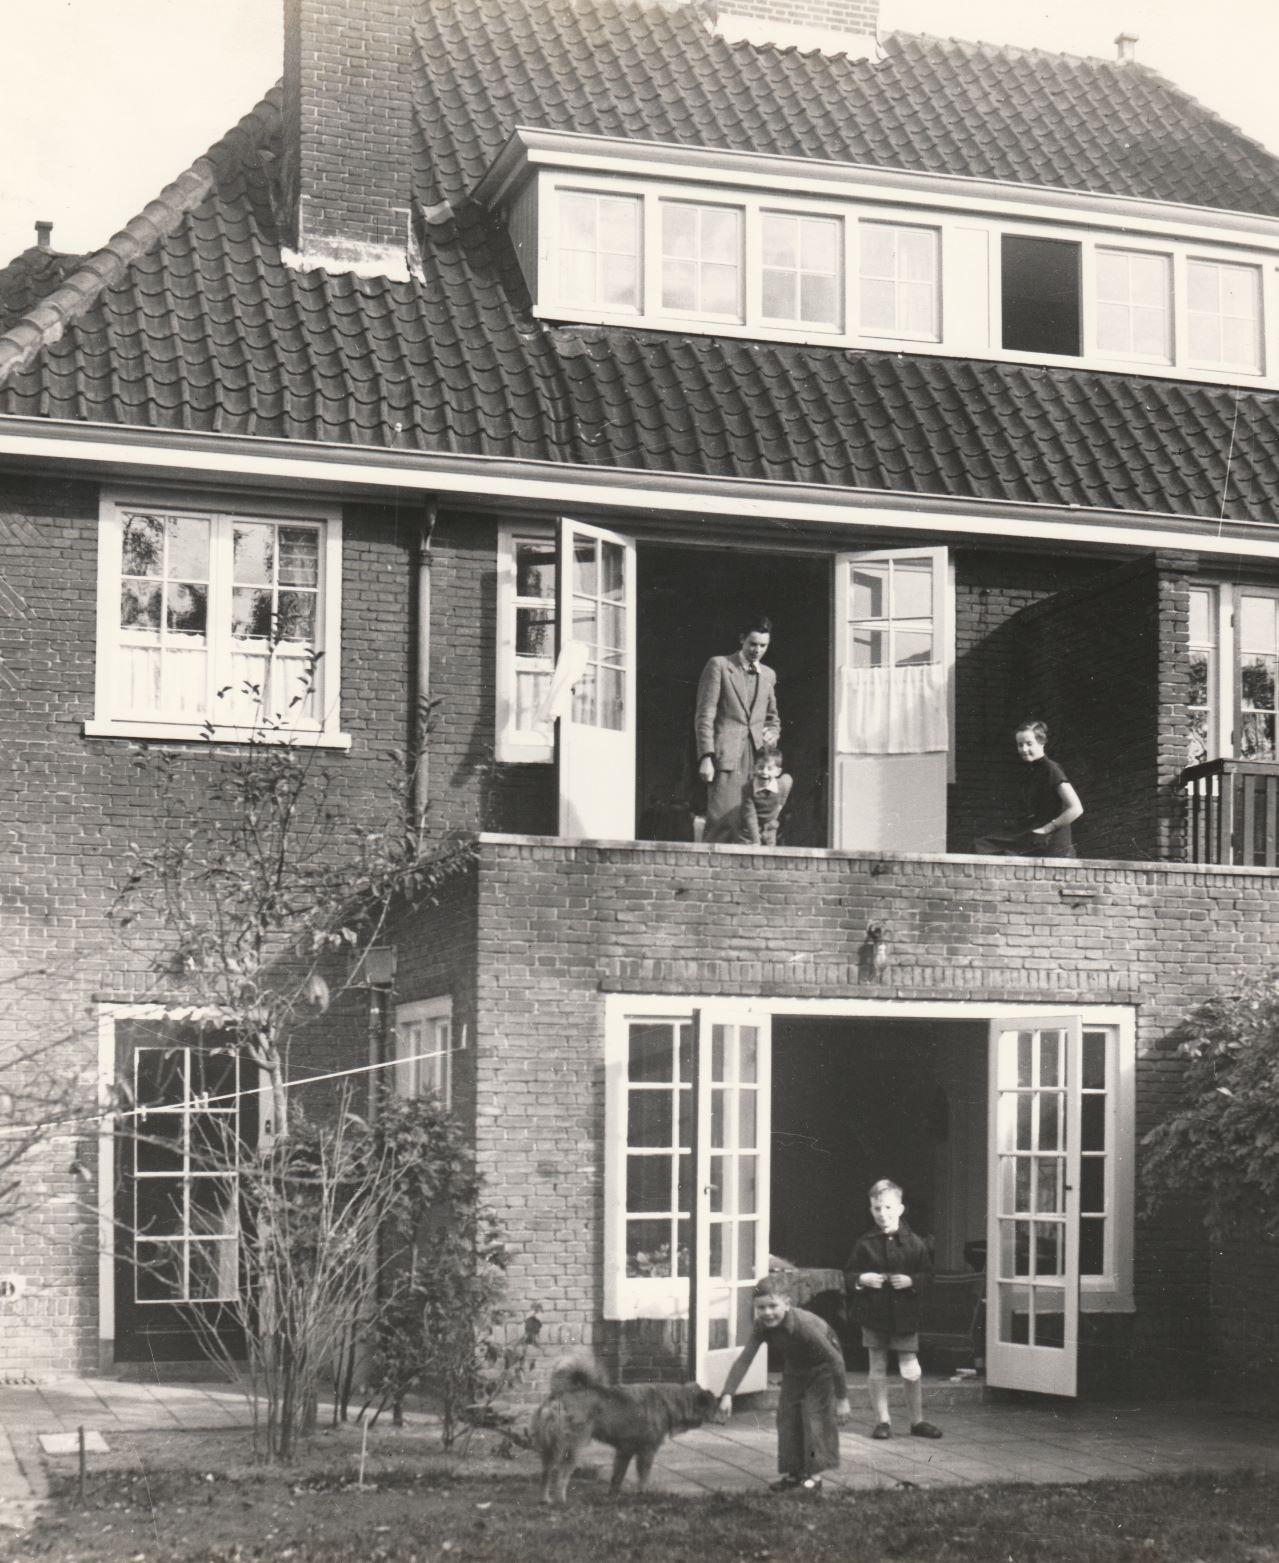 Villapark 110 jaar: een fotoboek!